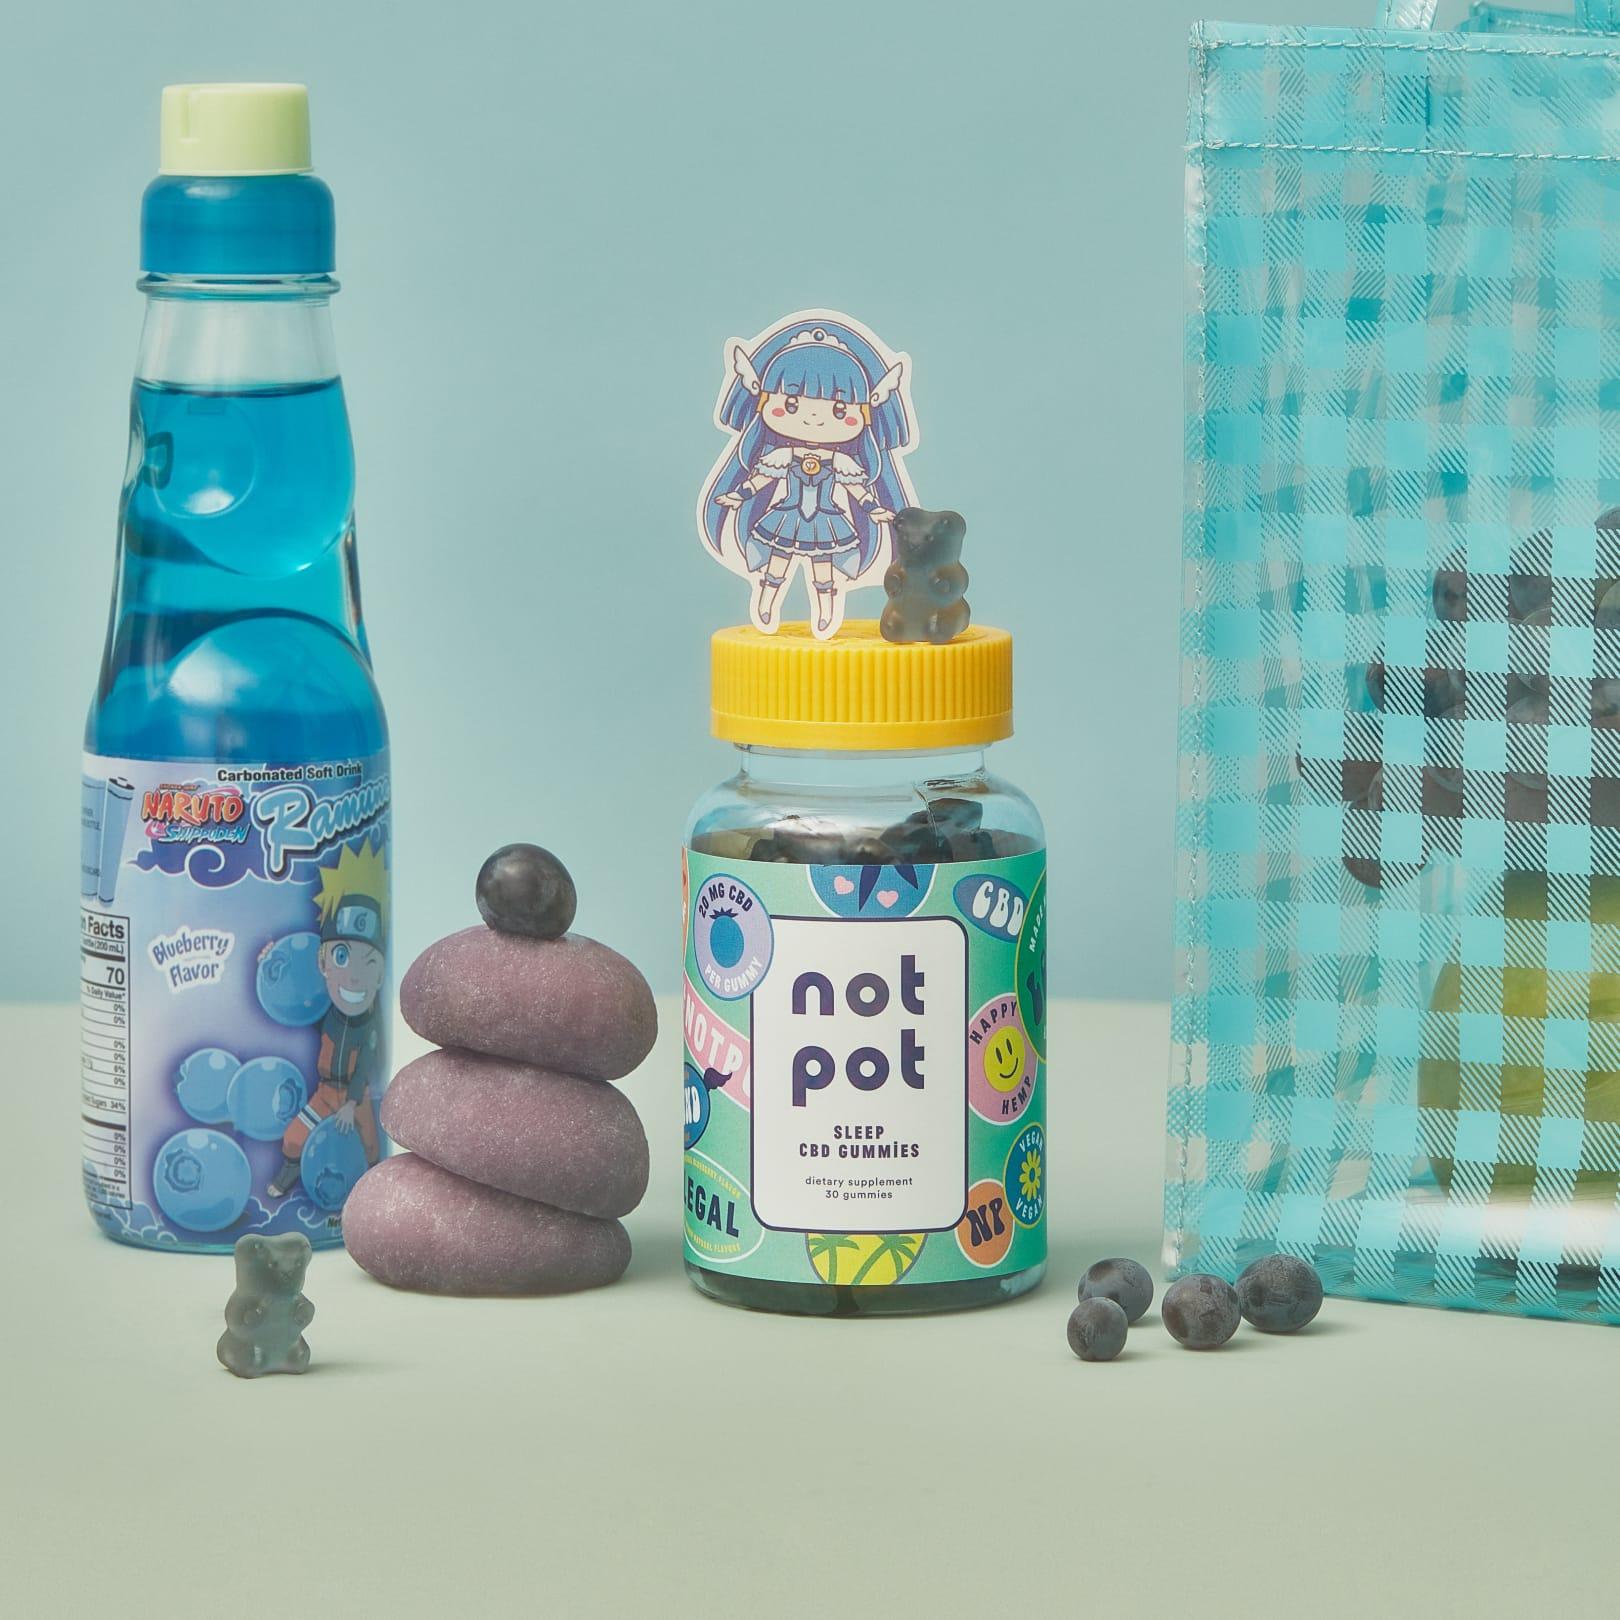 Sleep CBD Gummies